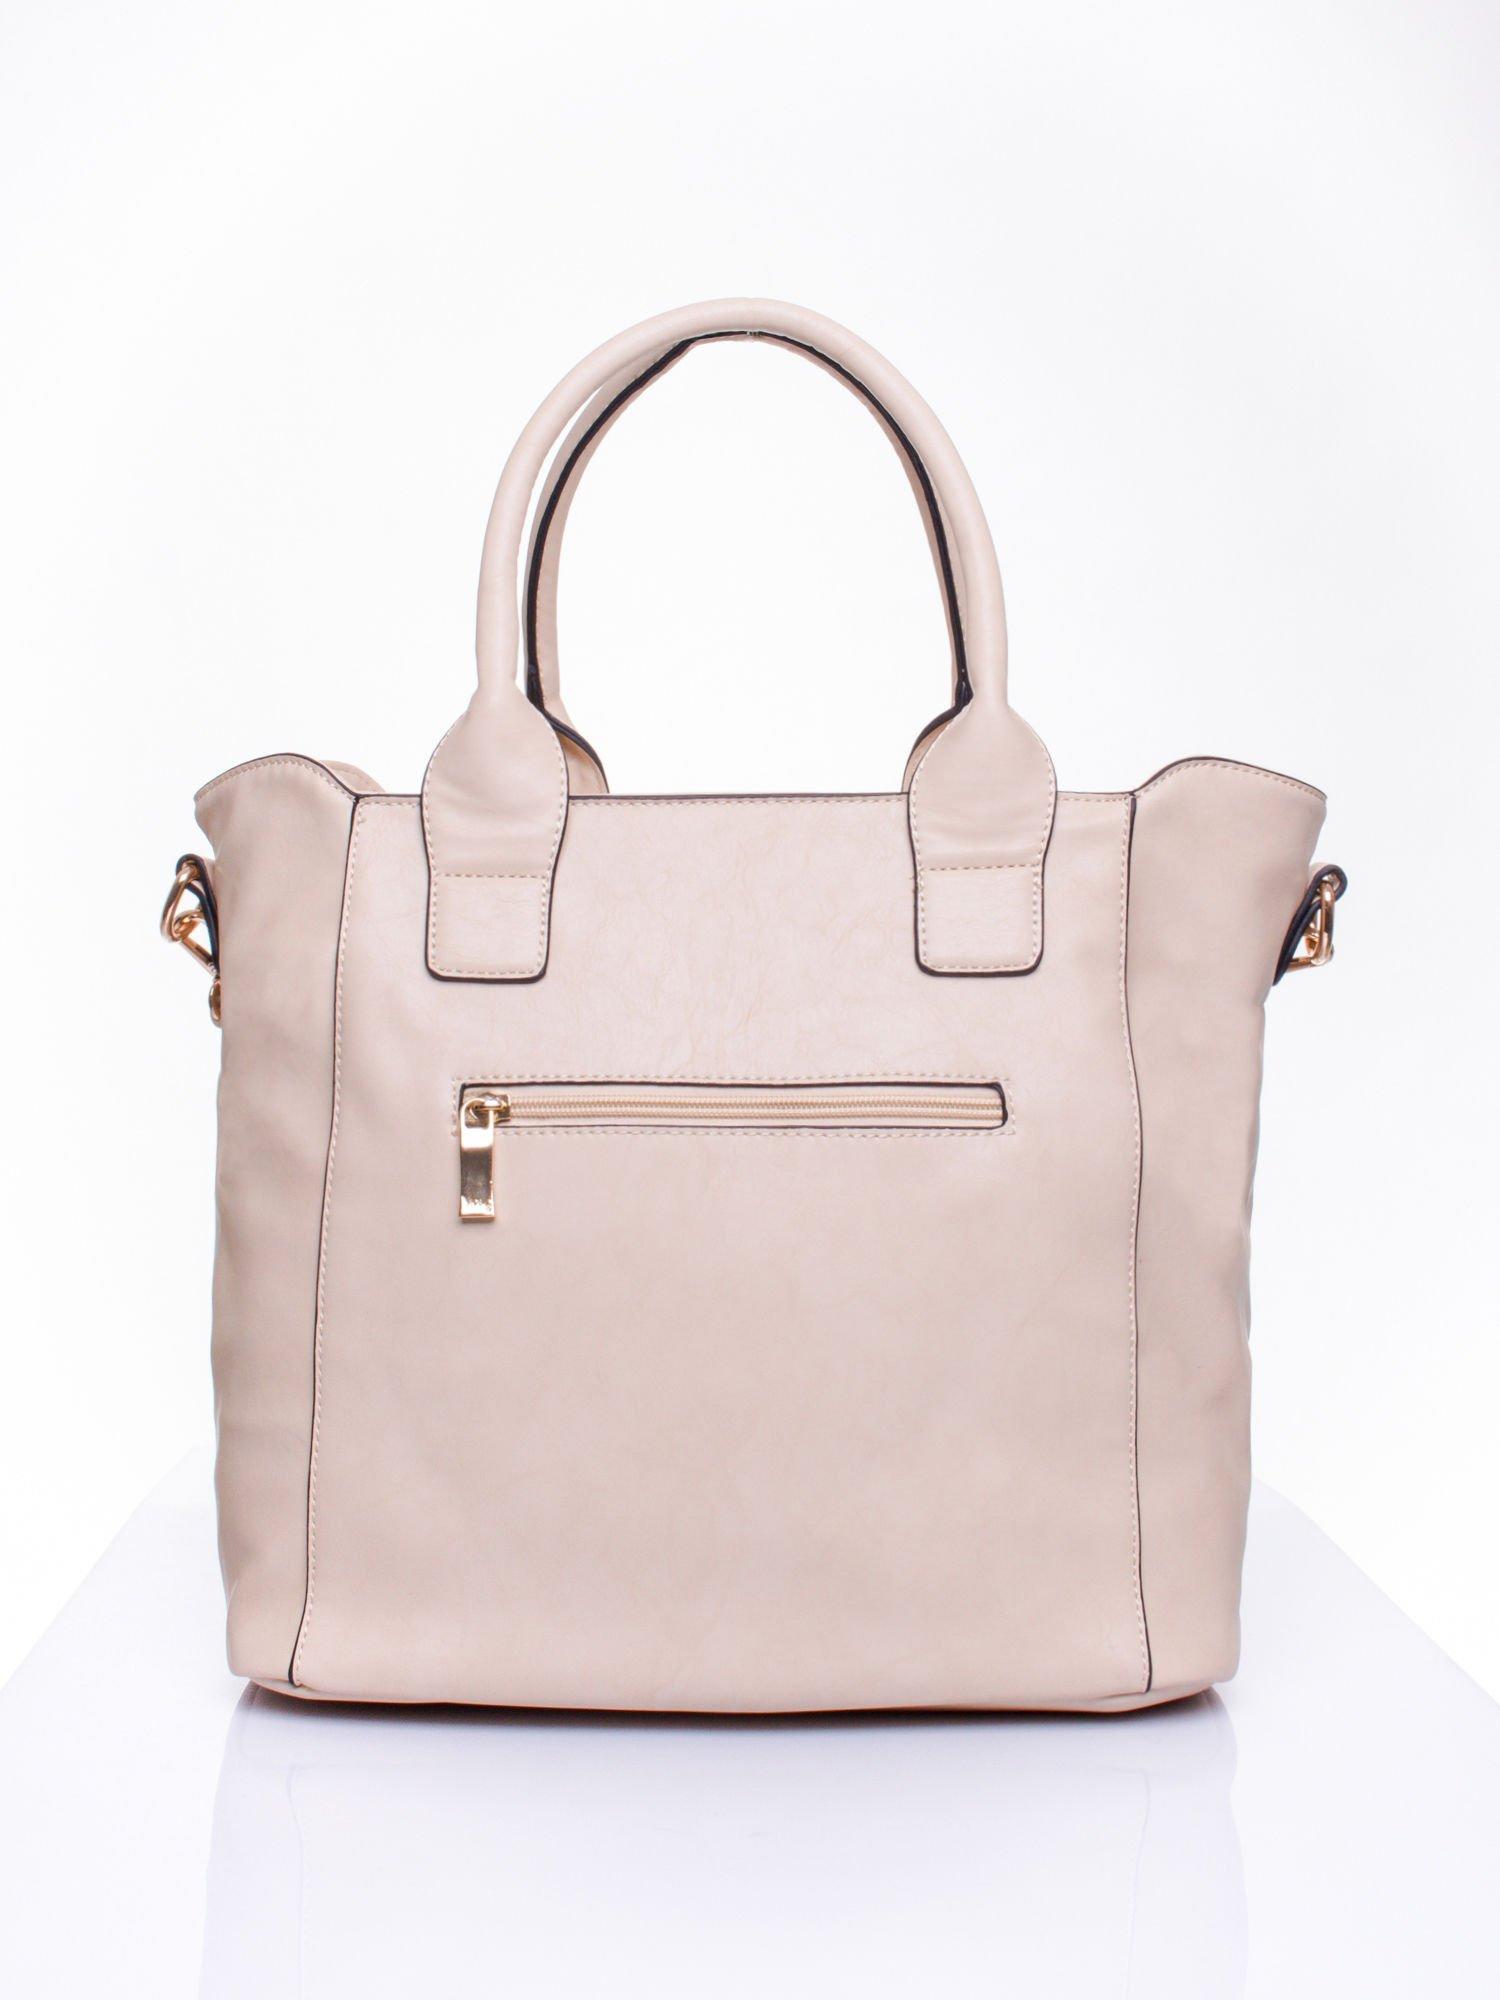 Jasnobeżowa torba shopper ze stębnowaniem                                  zdj.                                  3